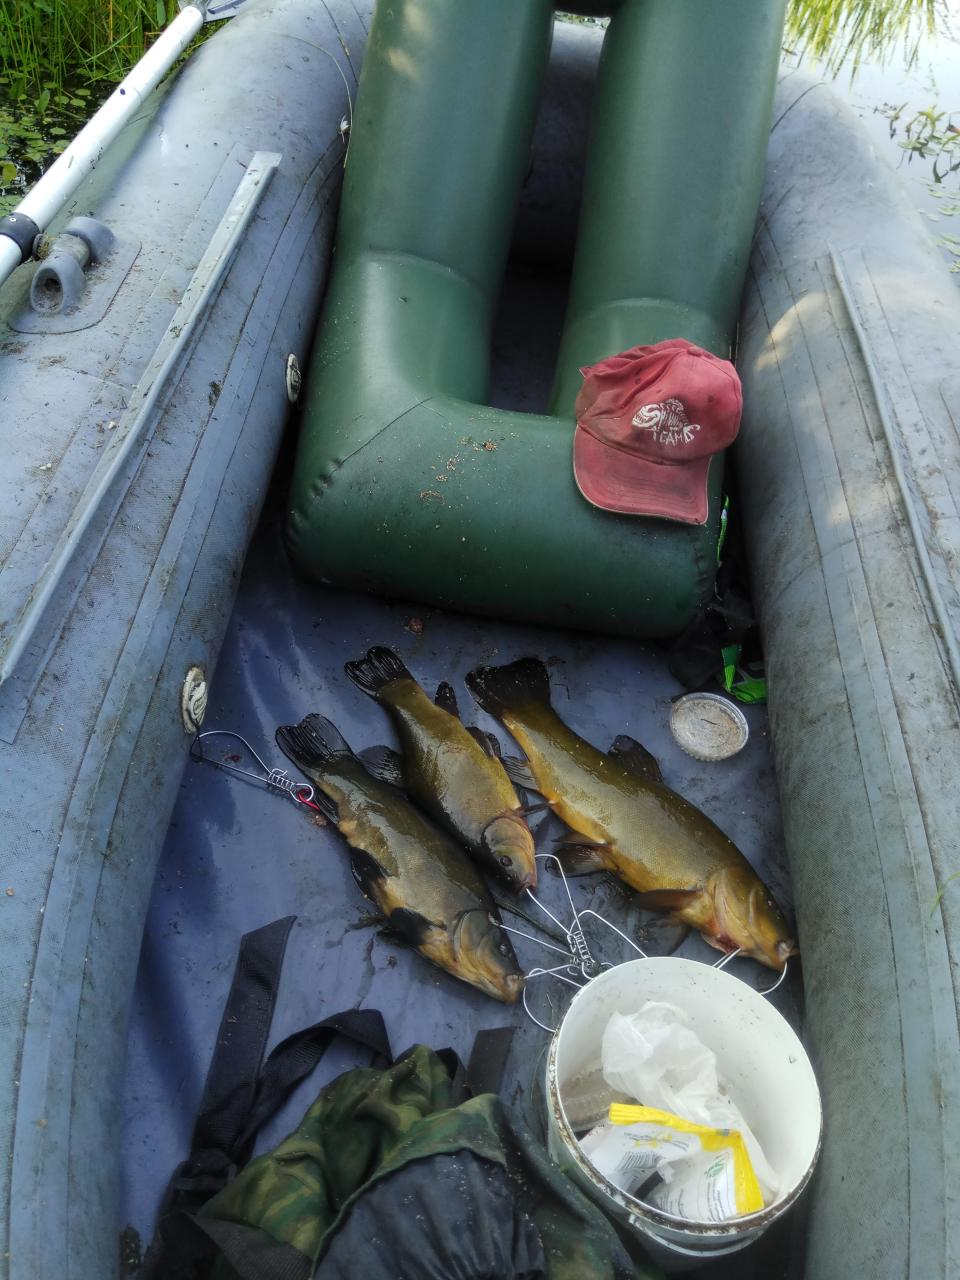 Субботнее утро, целенаправленно движусь к своему вчерашнему месту ... | Отчеты о рыбалке в Беларуси